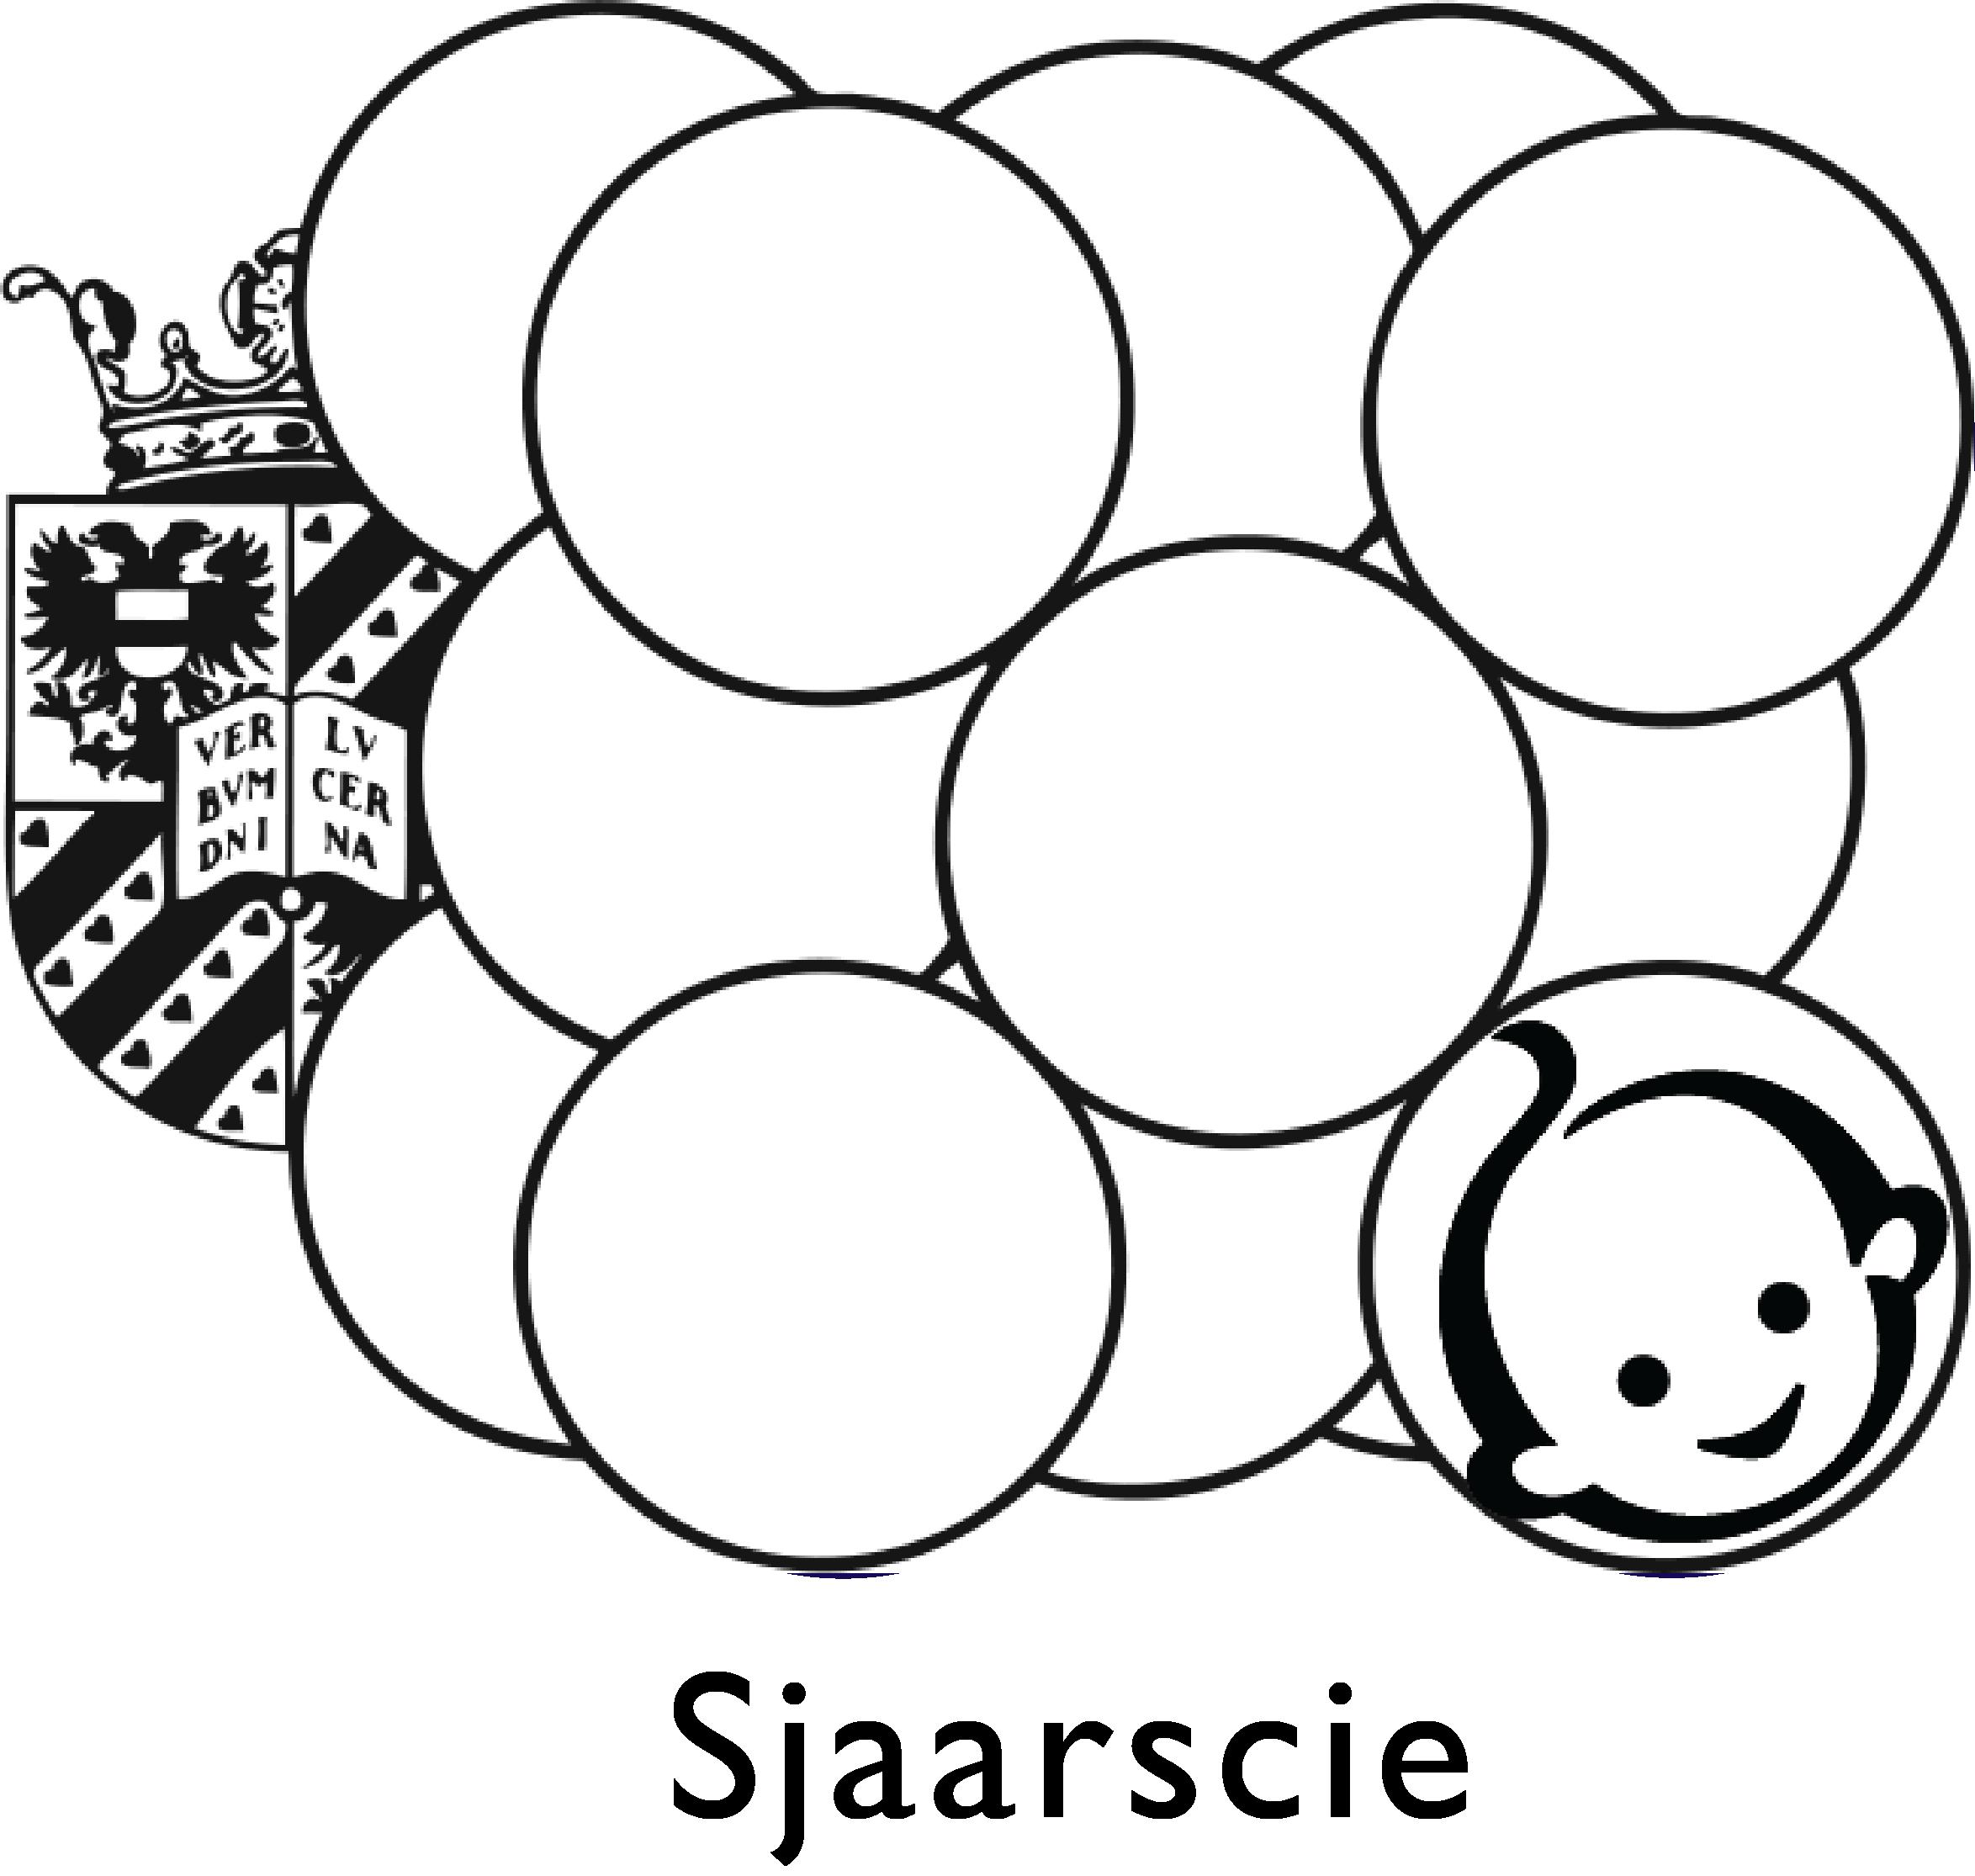 Sjaarscie's logo